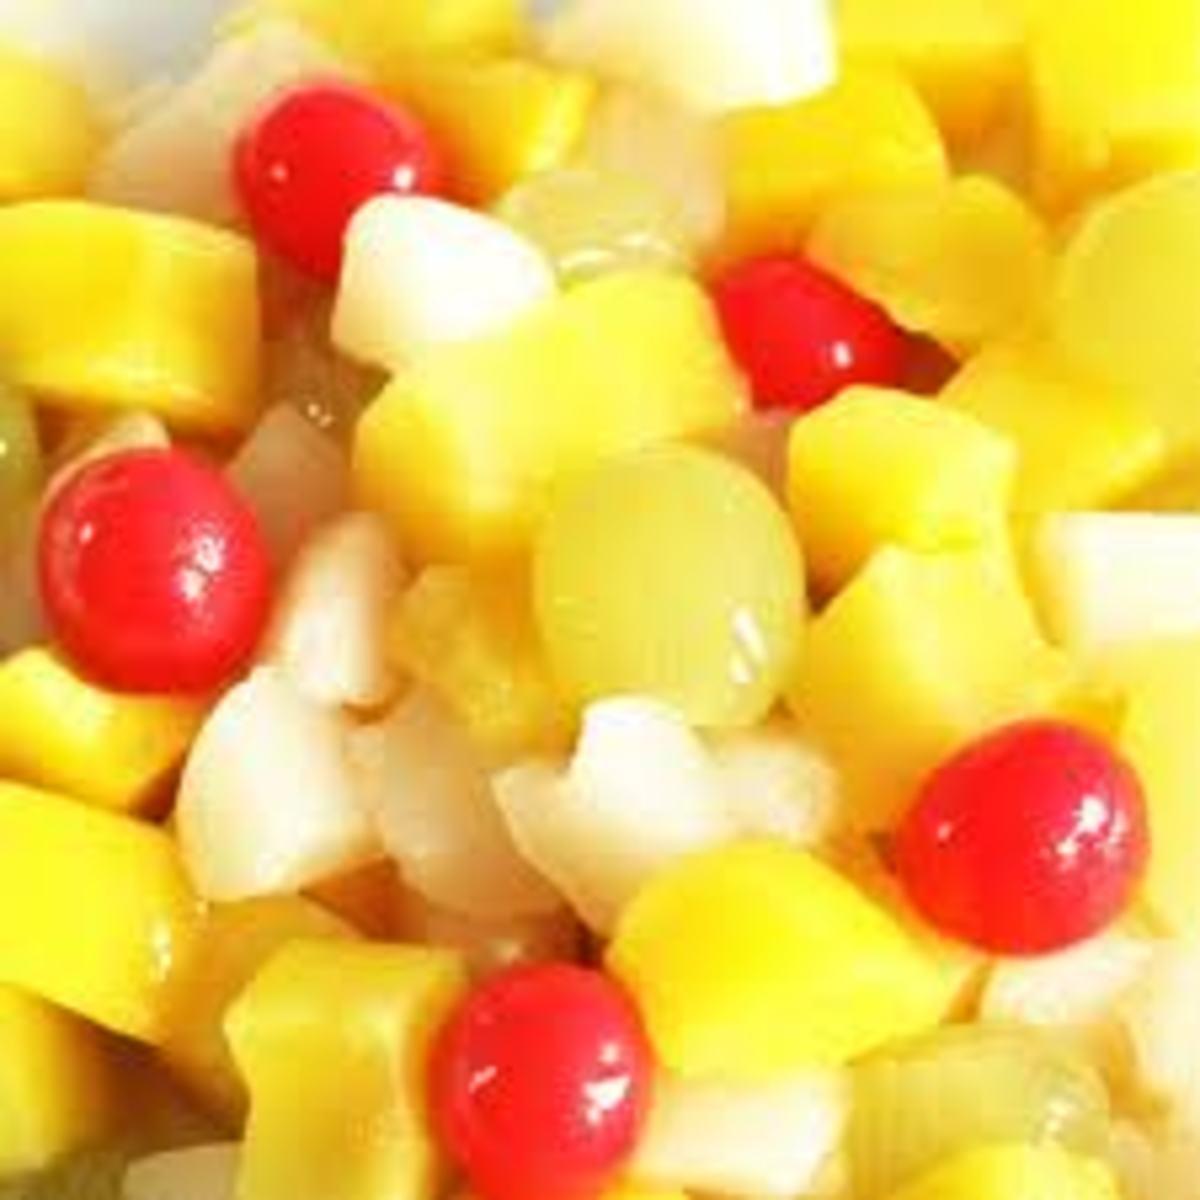 Fruit Salad or Fruit Cocktail